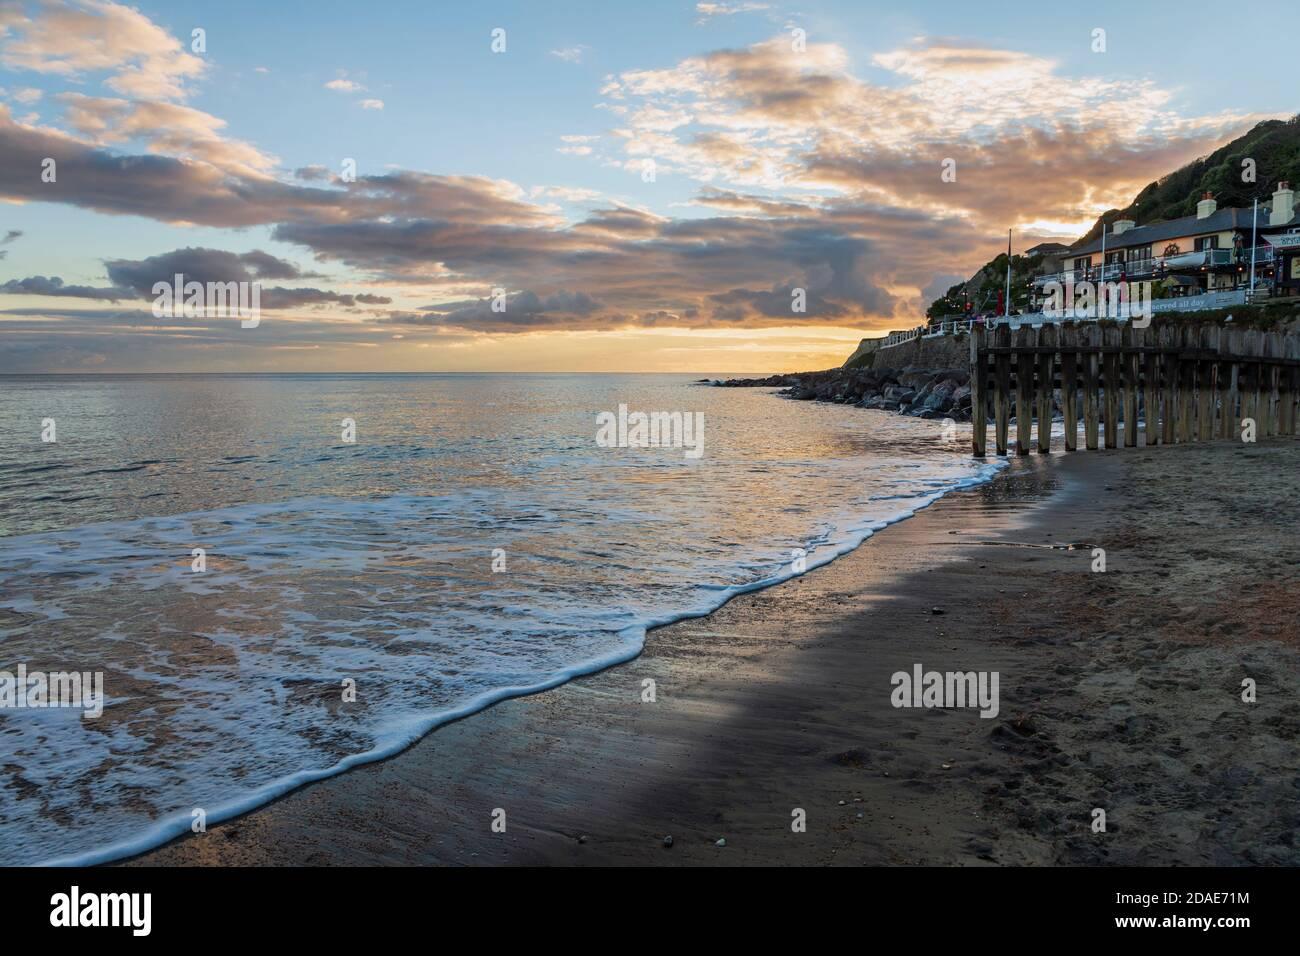 Puesta de sol desde la playa de Ventnor, Isla de Wight Foto de stock